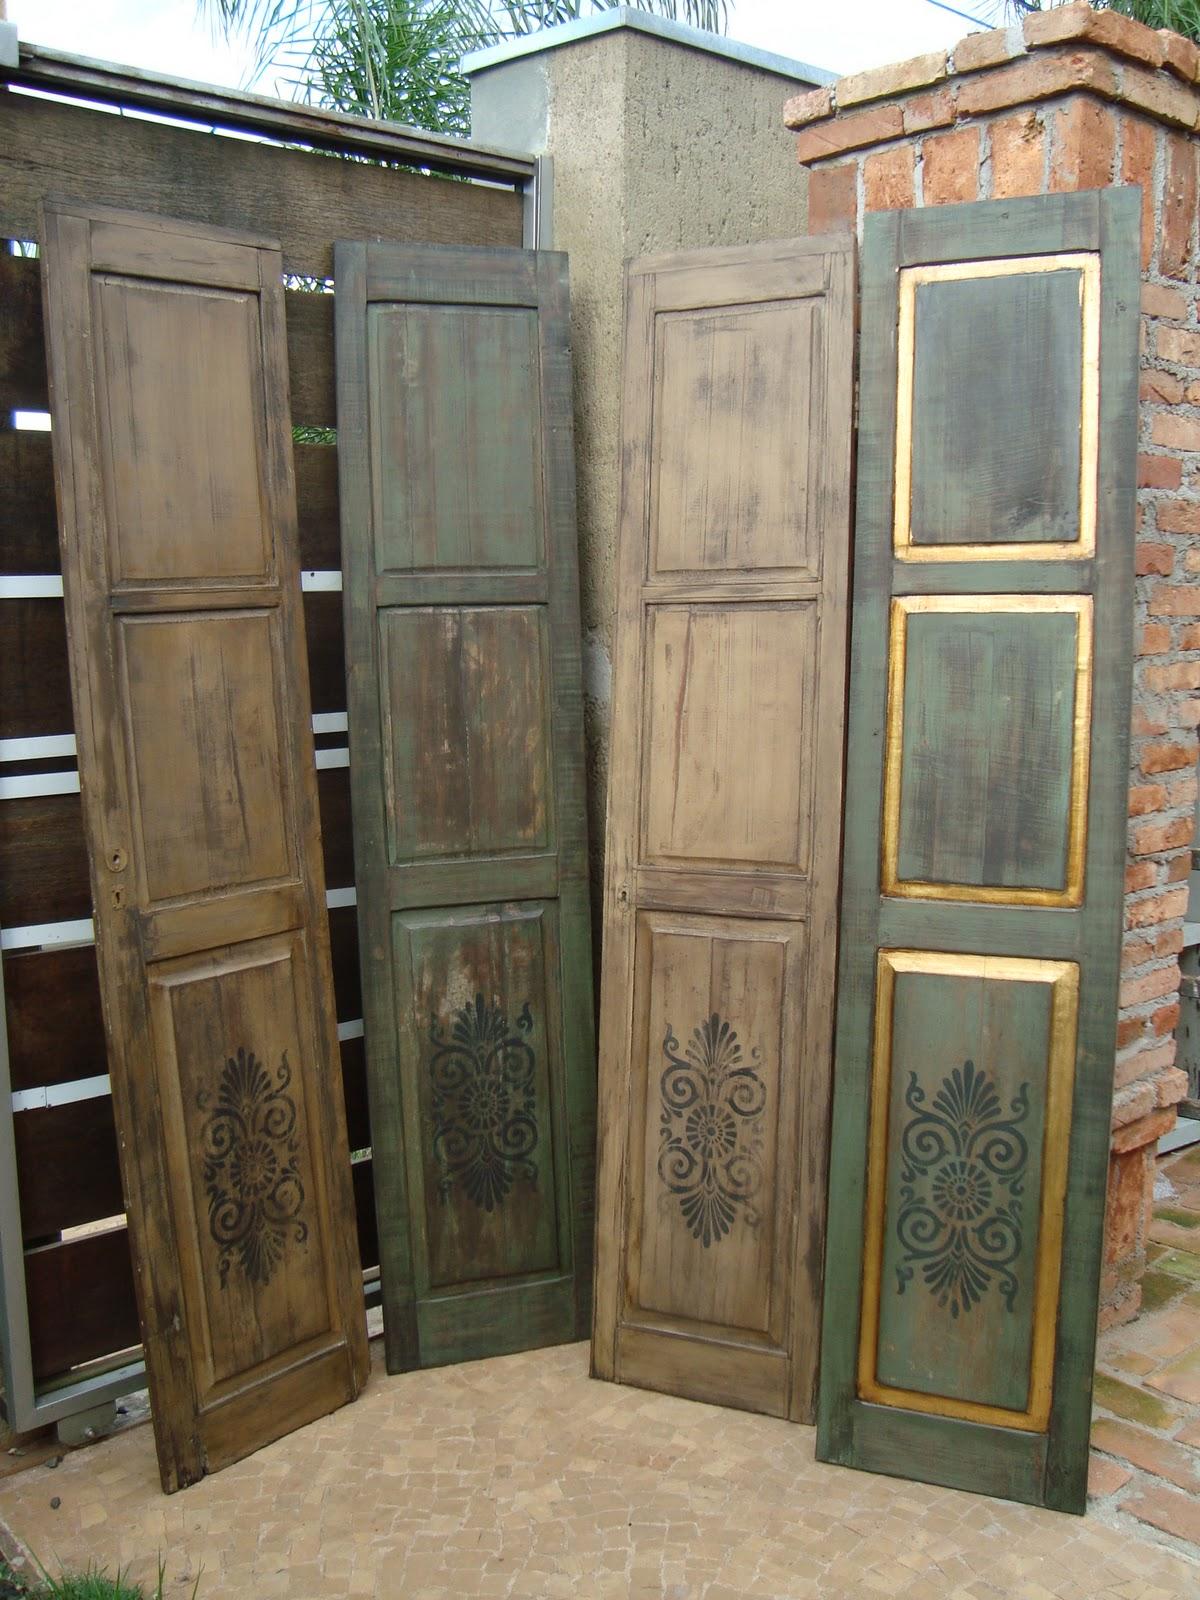 #5F4B33  Brasile: Restauração em Madeira e Pintura Especial em Portas Antigas 1194 Portas E Janelas De Madeira Em Queimados